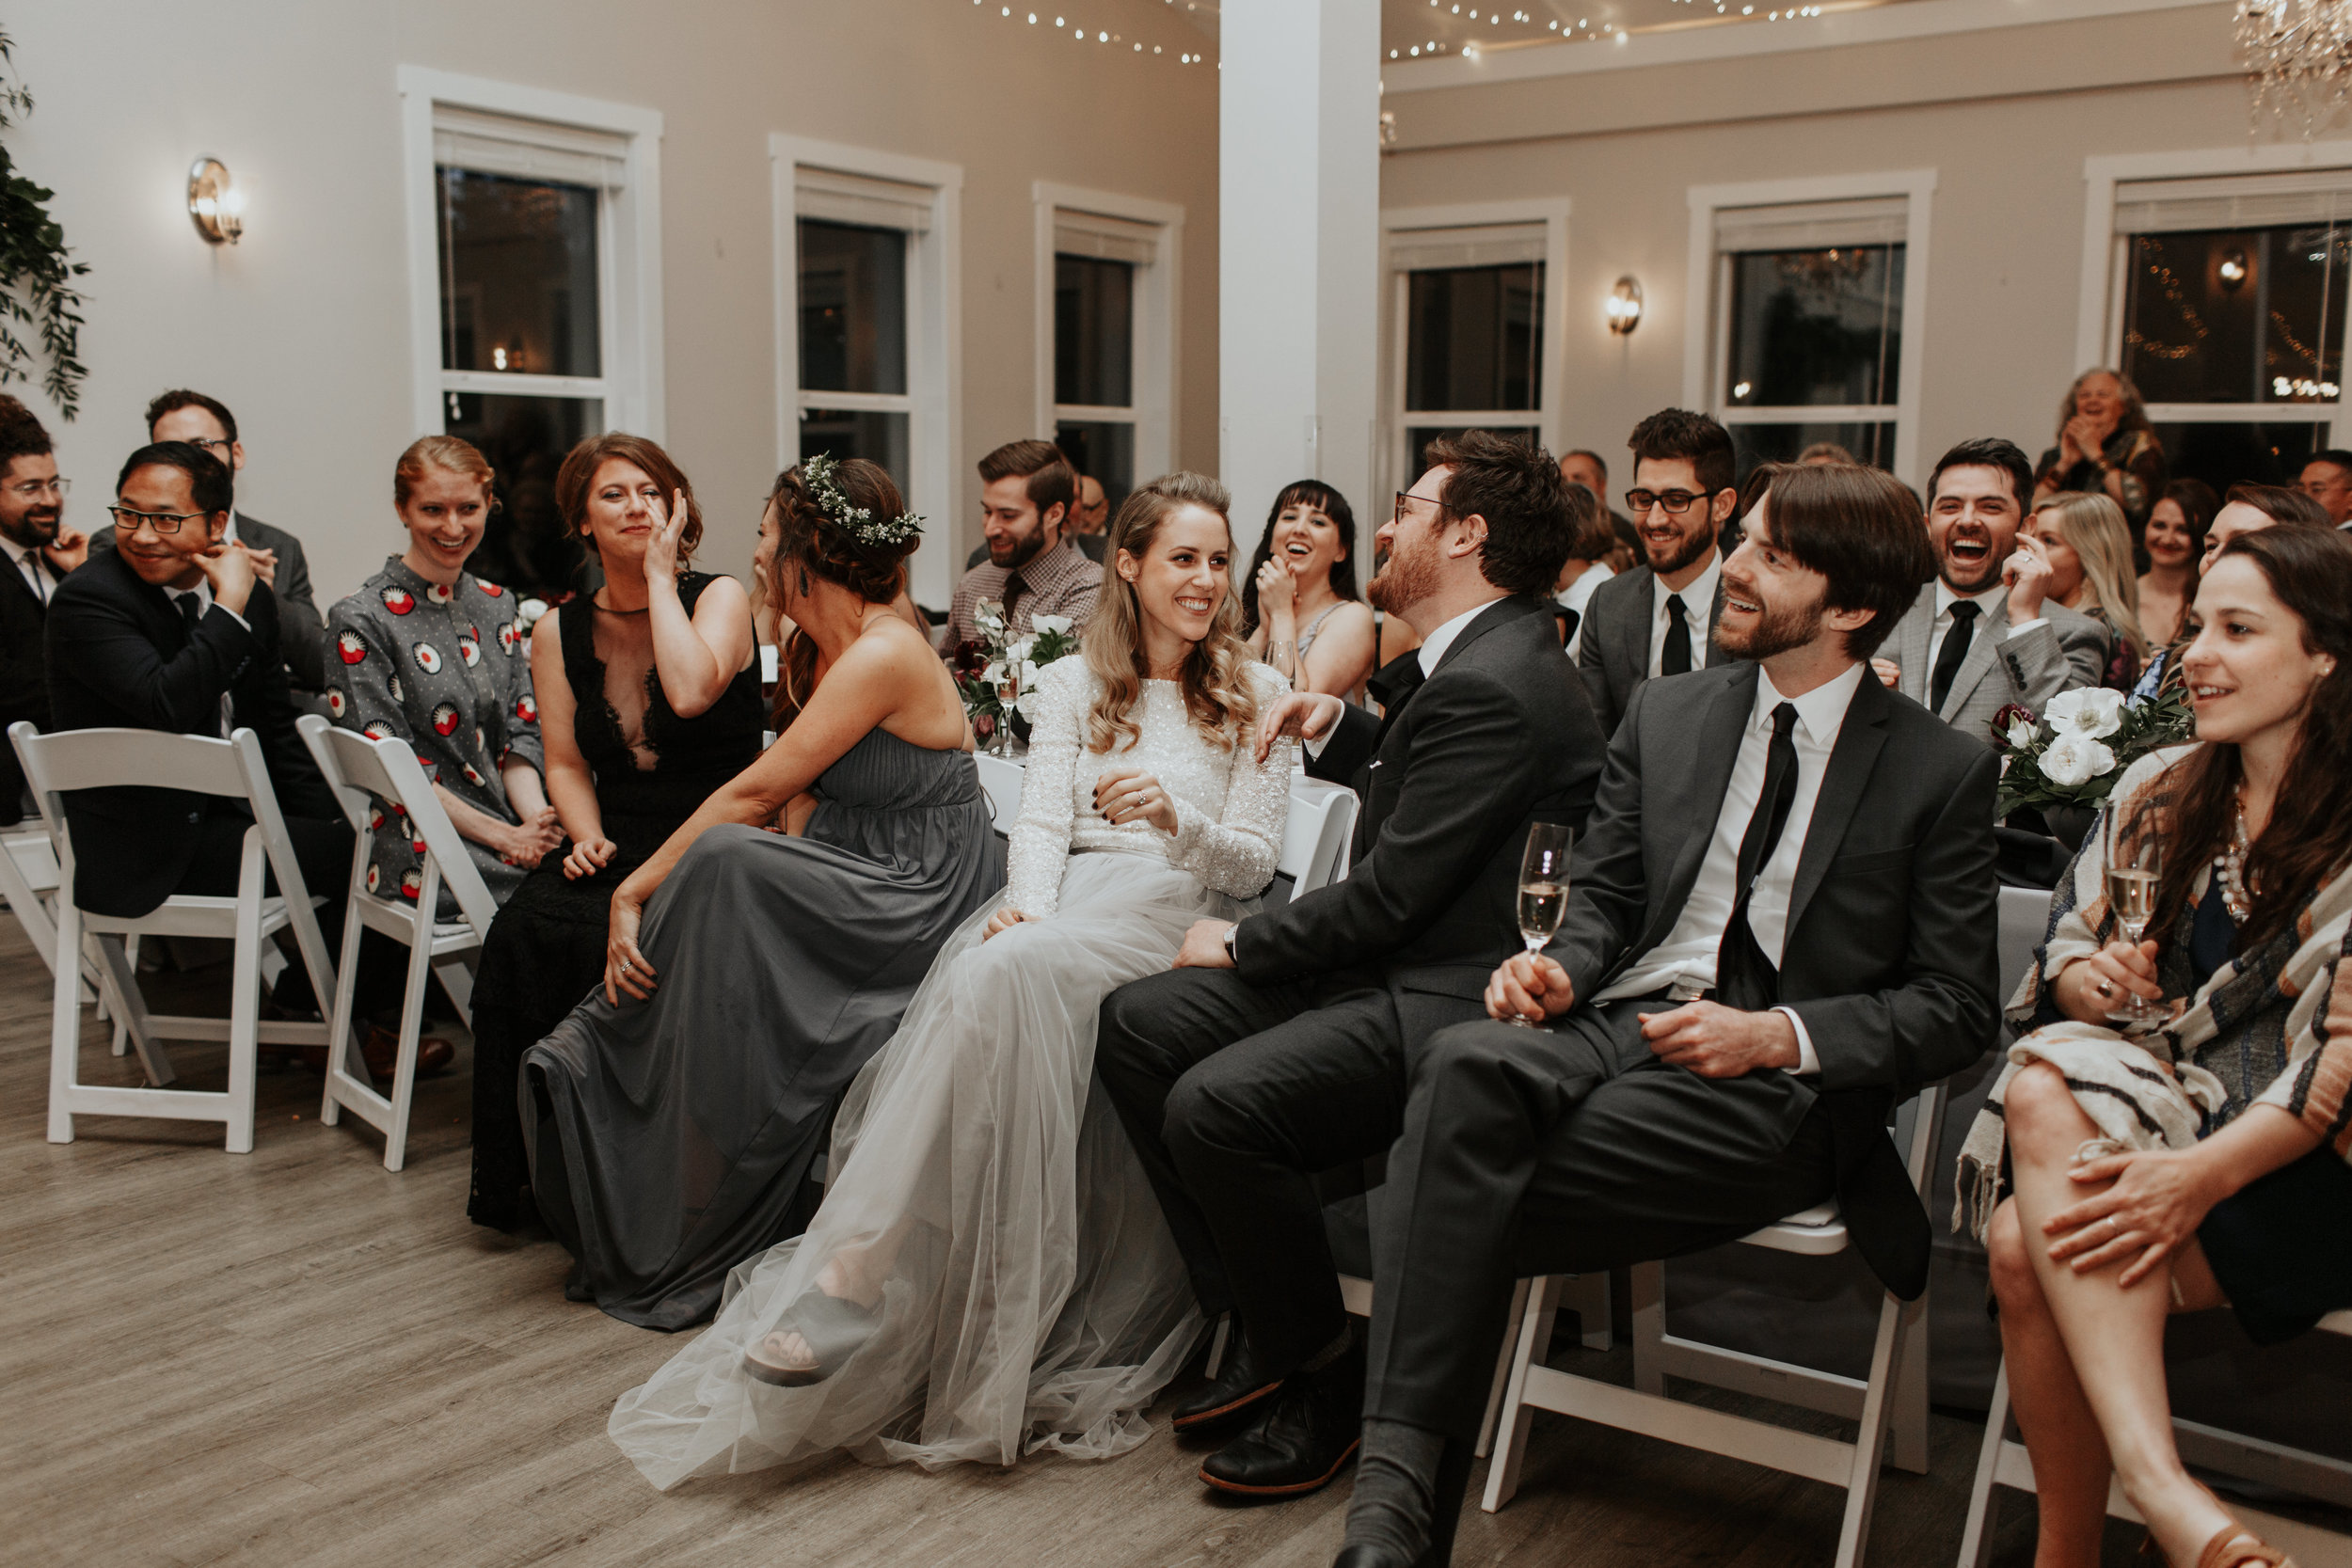 ginapaulson-courtnyandryan-wedding-941.jpg